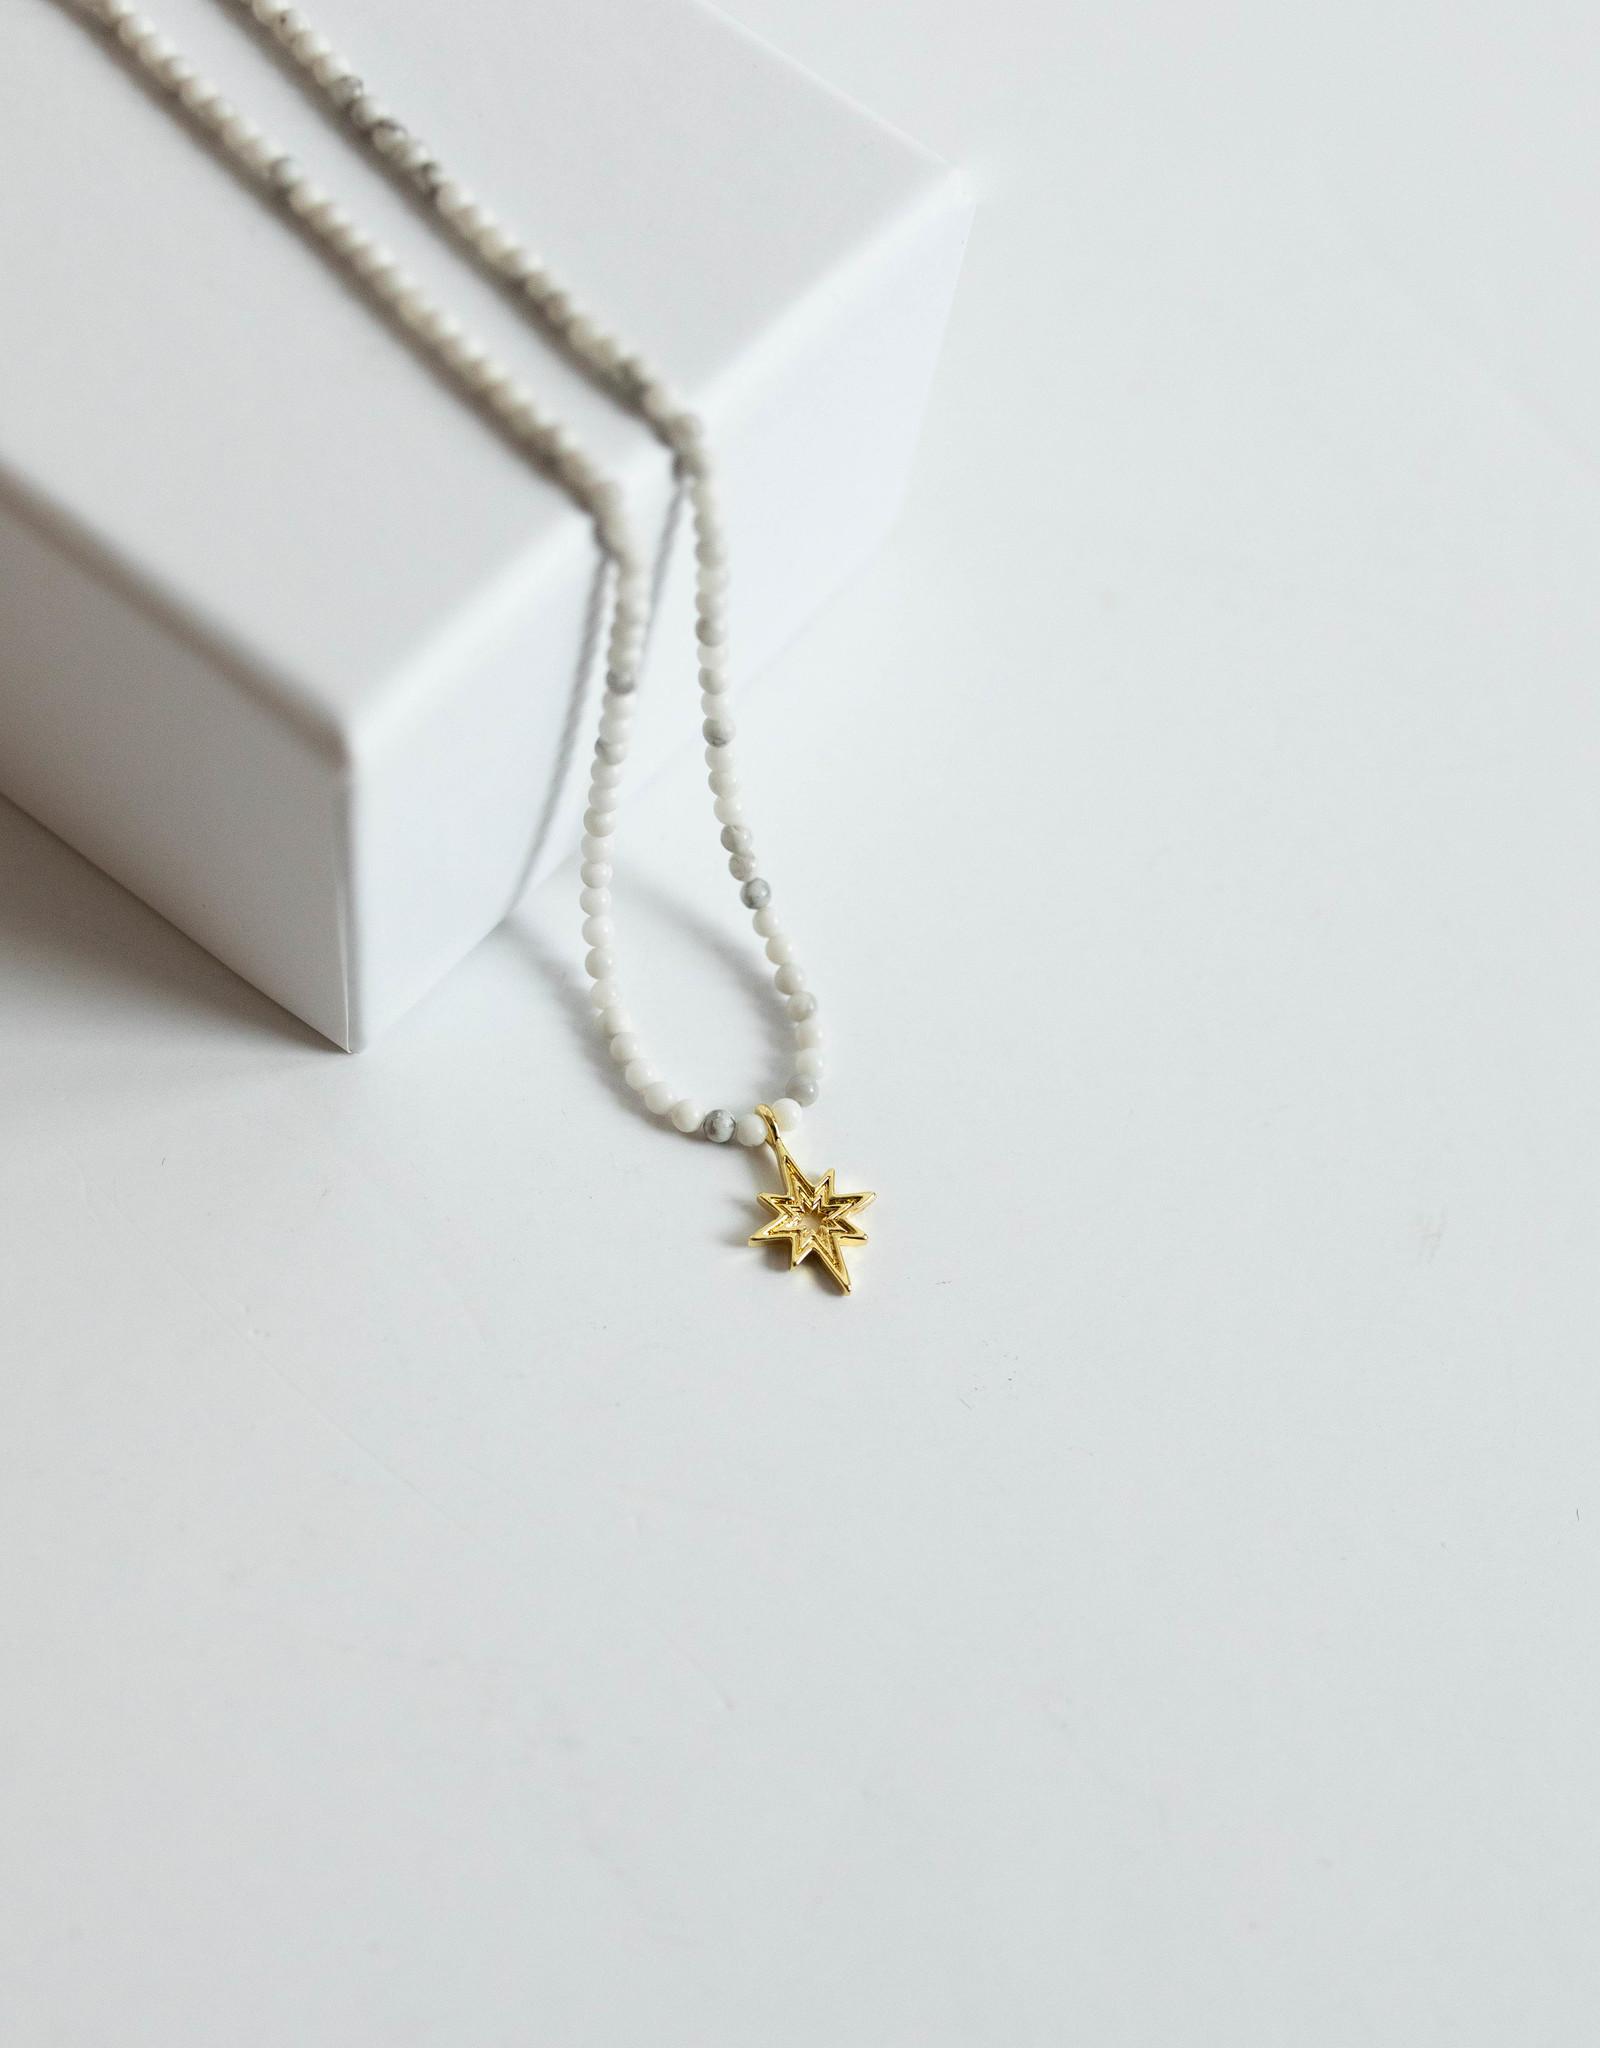 Gorjana Power Gem Mantra Necklace